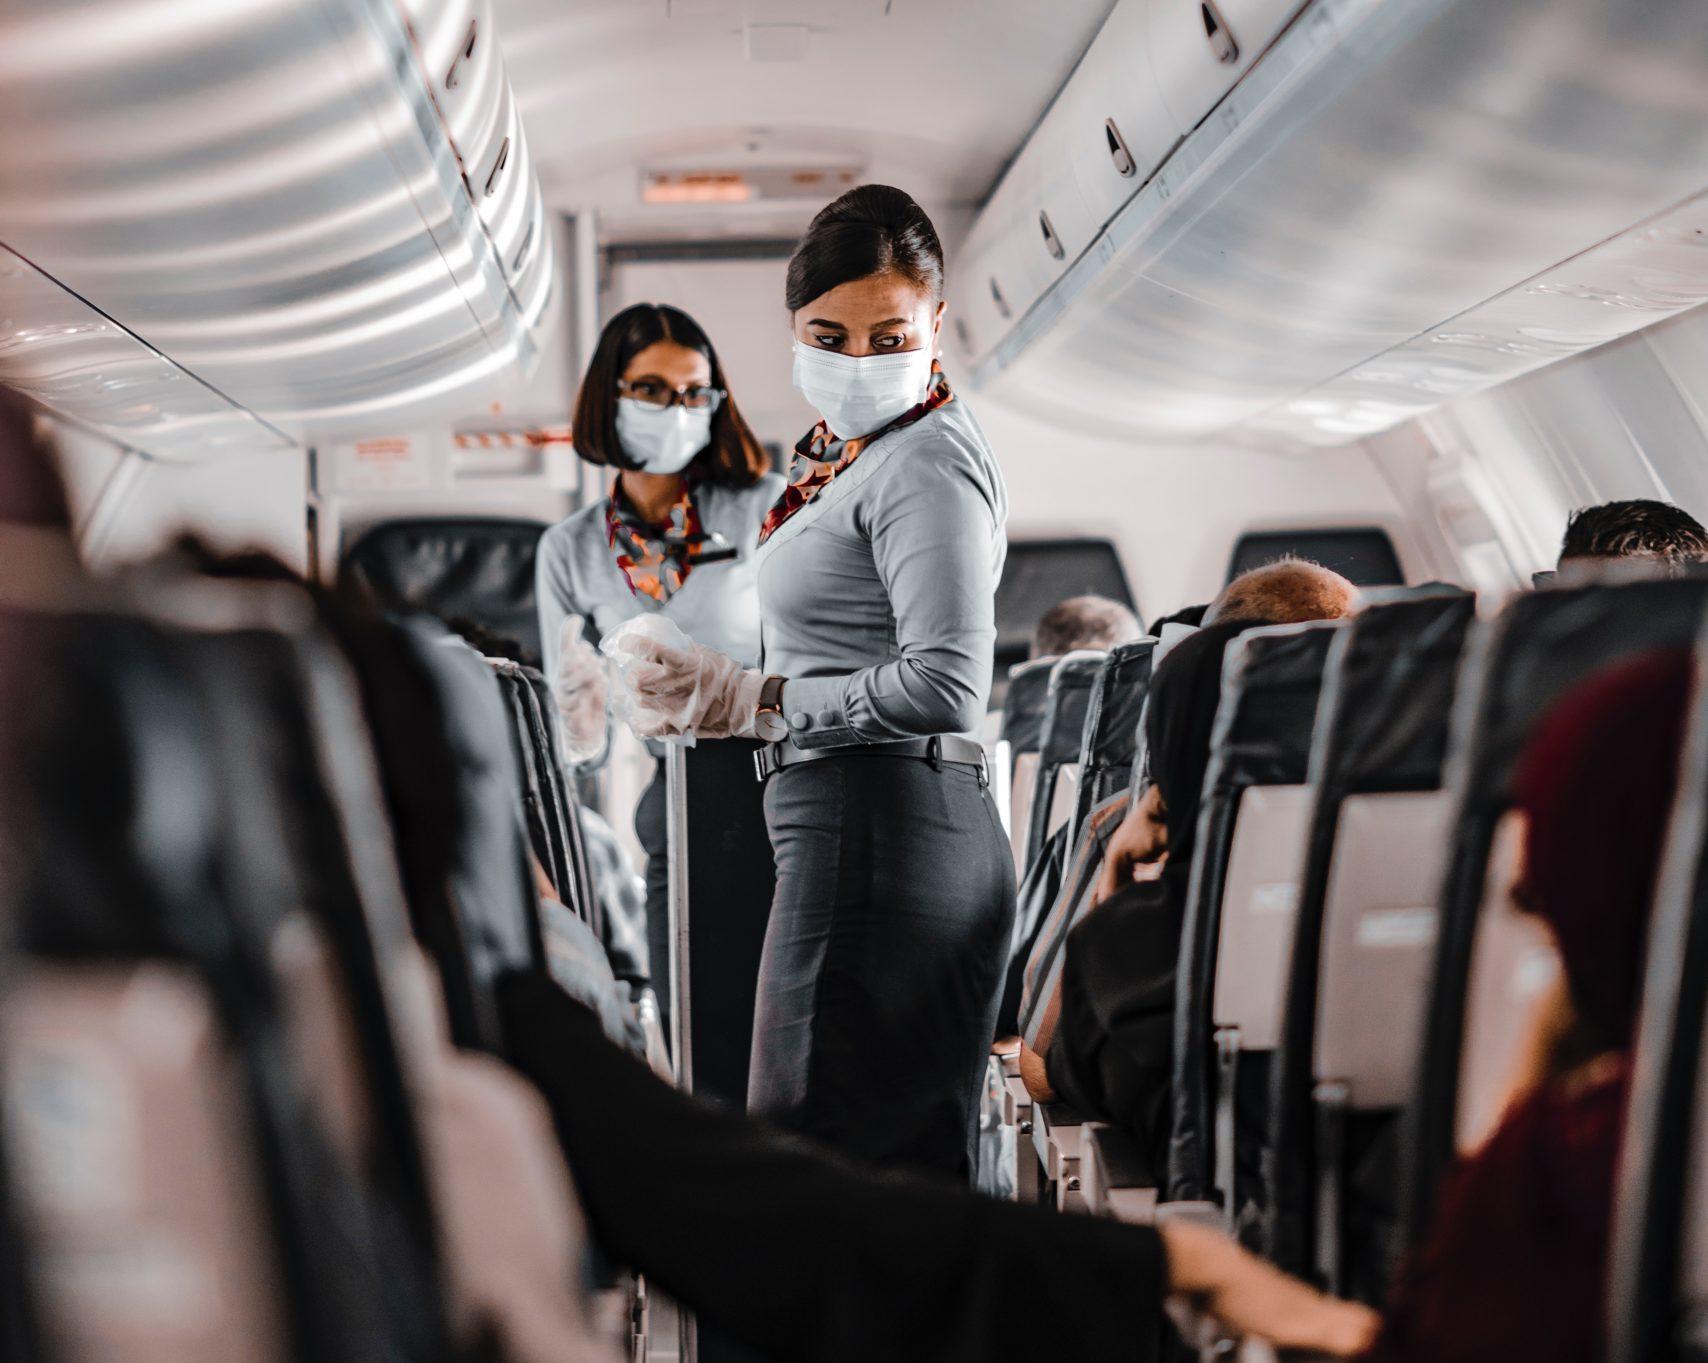 op vakantie tijdens corona - vakantie 2021 boeken - corona maatregelen buitenland - reizen tijdens corona - goedkope spoedtest